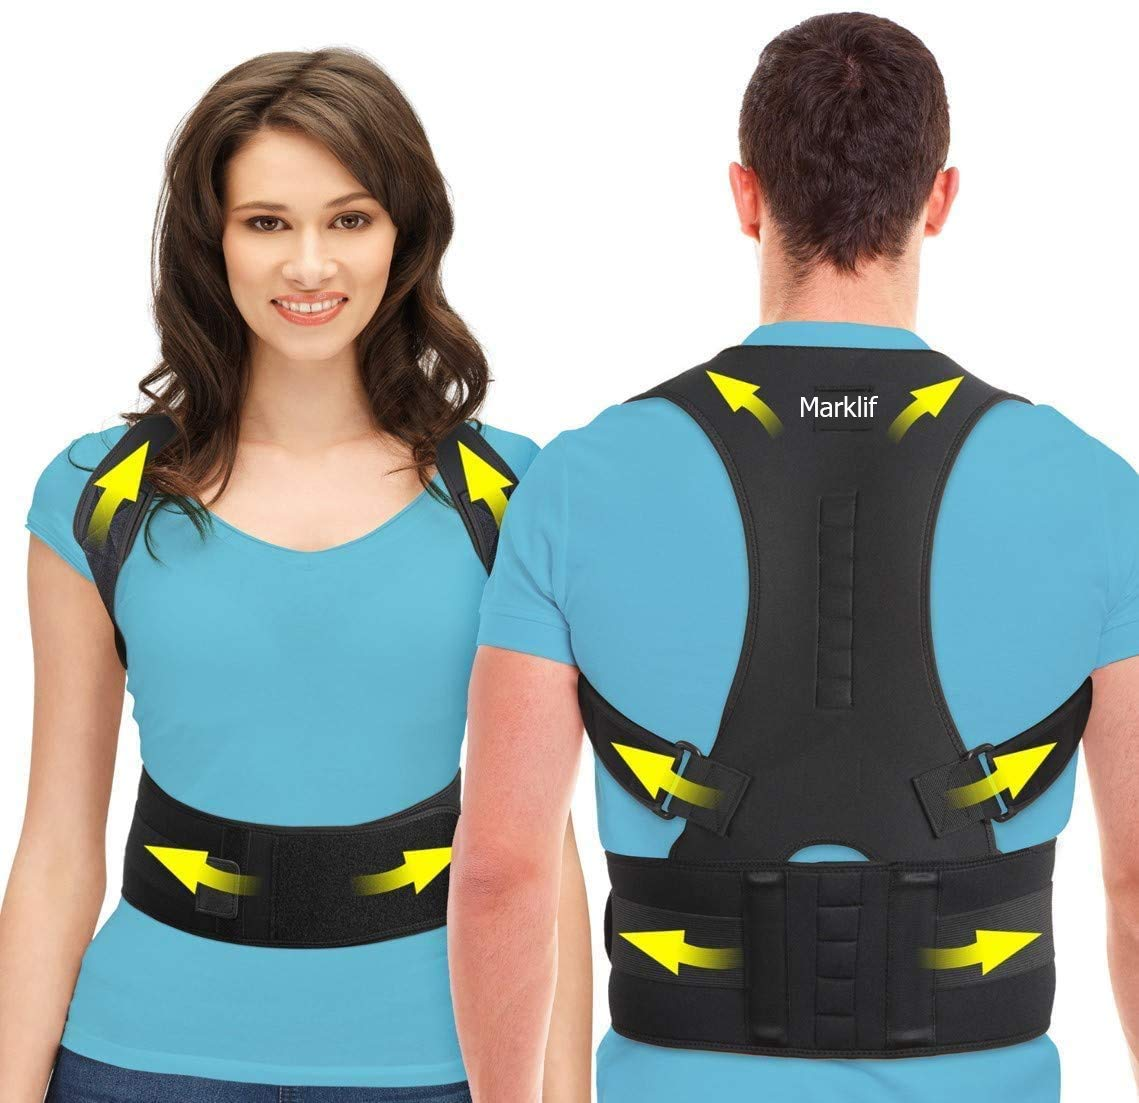 Marklif Posture Corrector Shoulder Support Belt